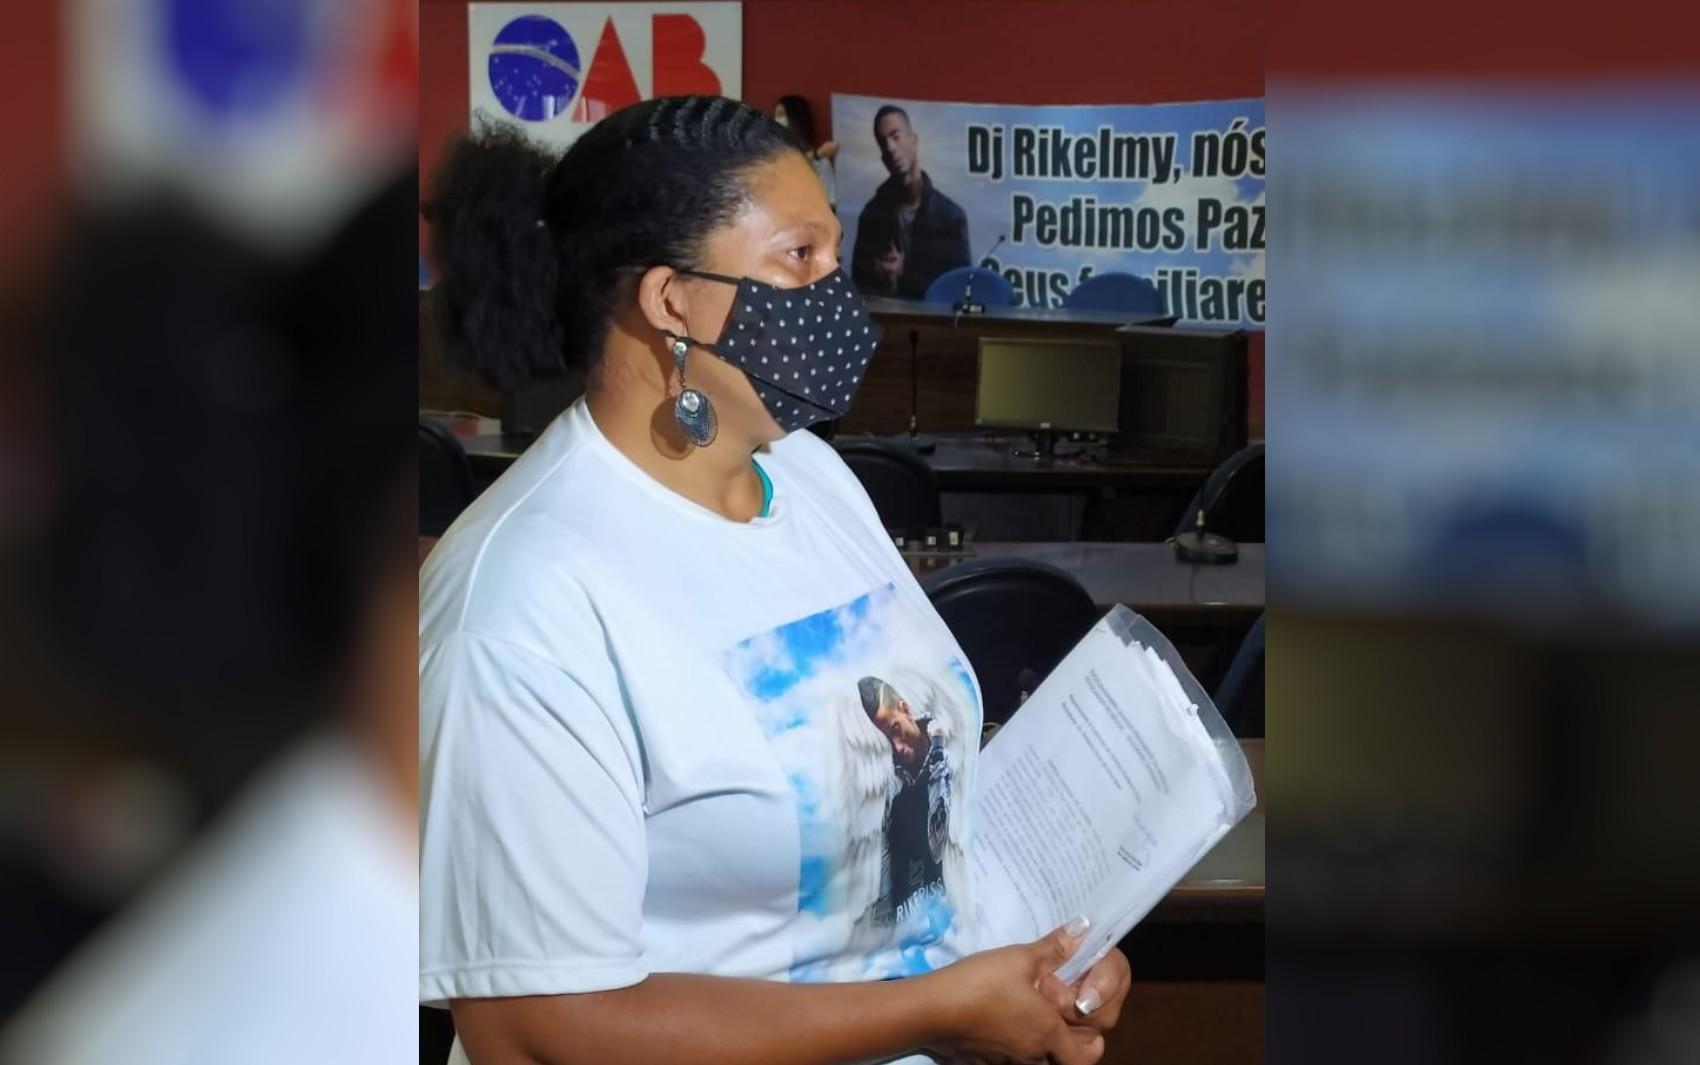 OAB-GO pede retirada de segredo de Justiça e agilidade de processo que apura a morte do DJ Rikelmy, em Goiânia